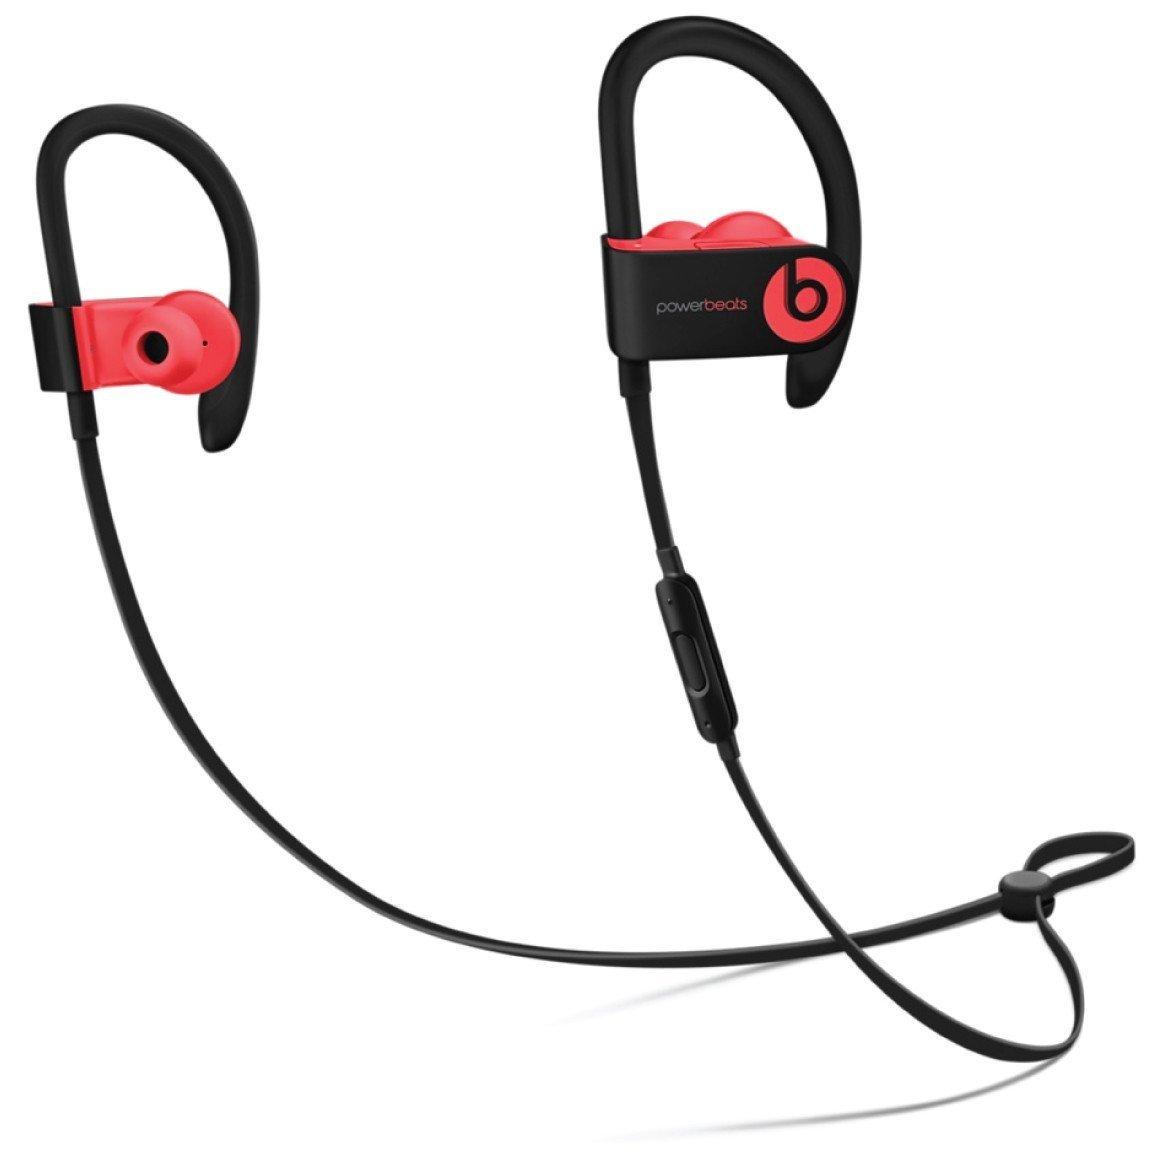 Beats Powerbeats3 Wireless Headphones Earbuds